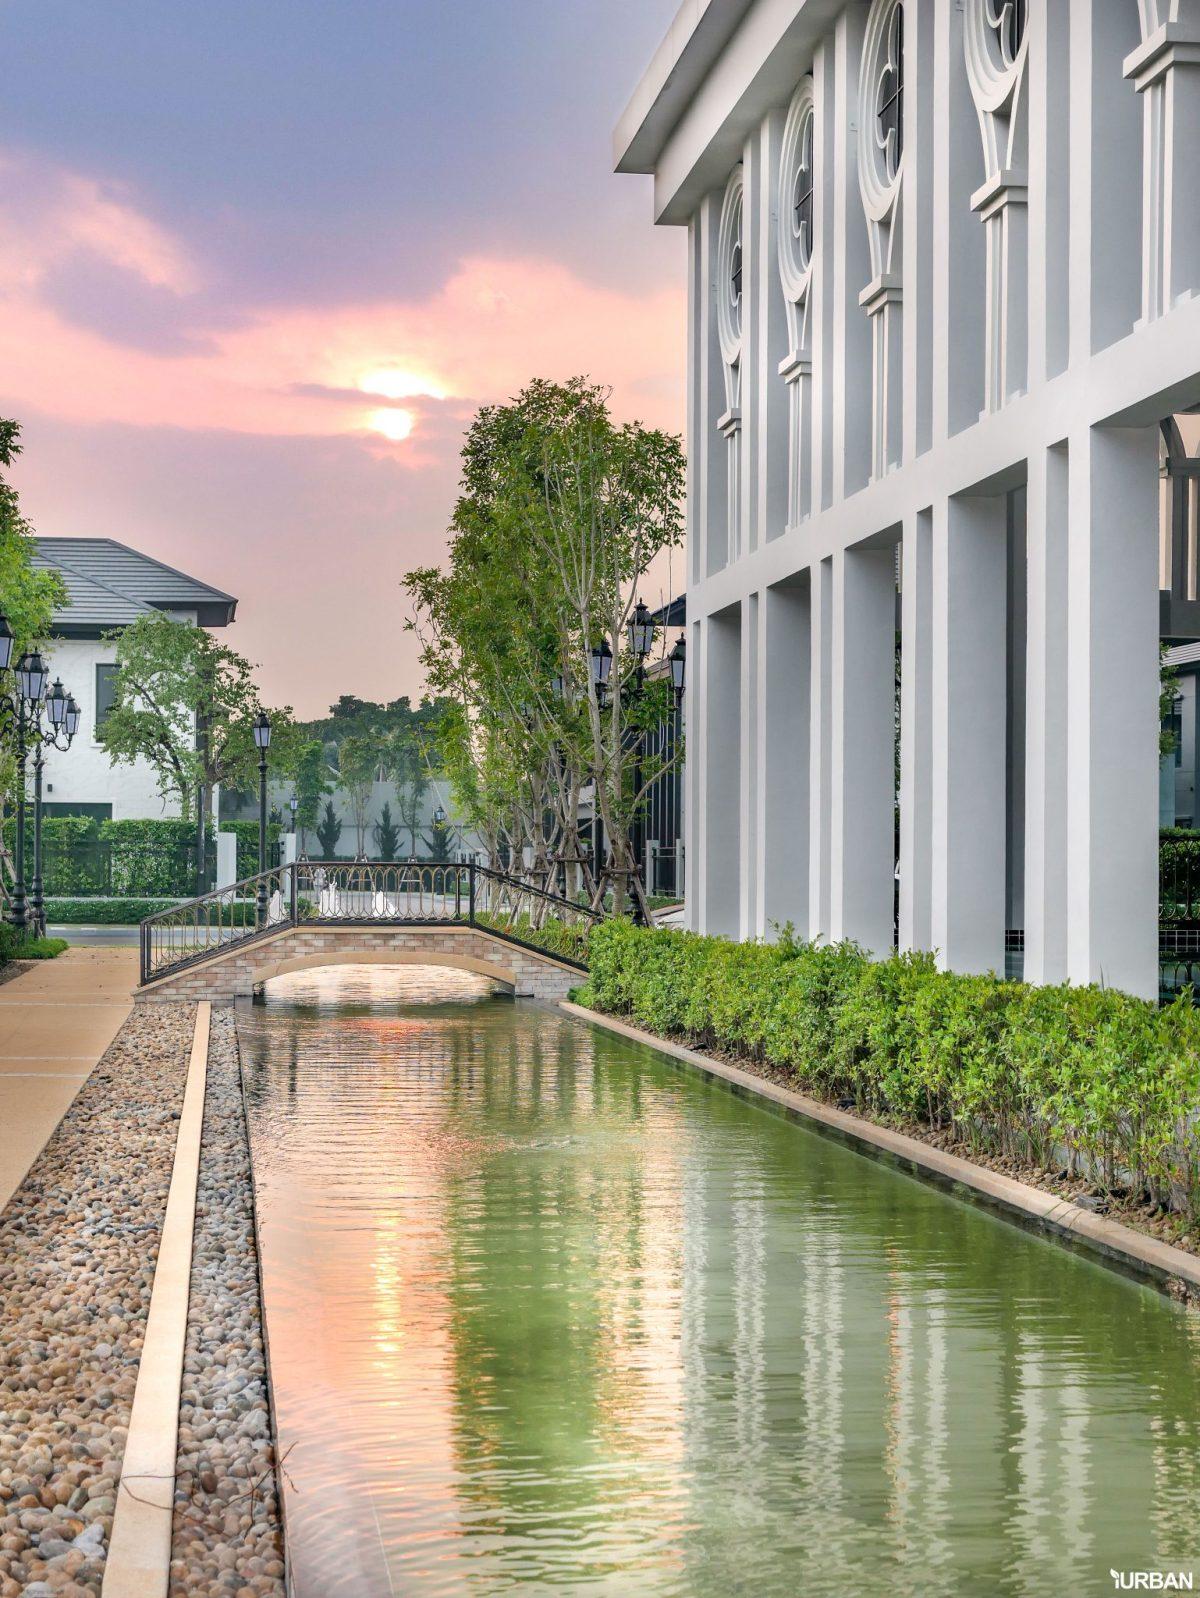 """รีวิว Grand Bangkok Boulevard รามอินทรา-เสรีไทย คลับเฮ้าส์และส่วนกลางที่ยก """"เวนิส"""" จากอิตาลีมาไว้ที่นี่ 69 - Boulevard"""